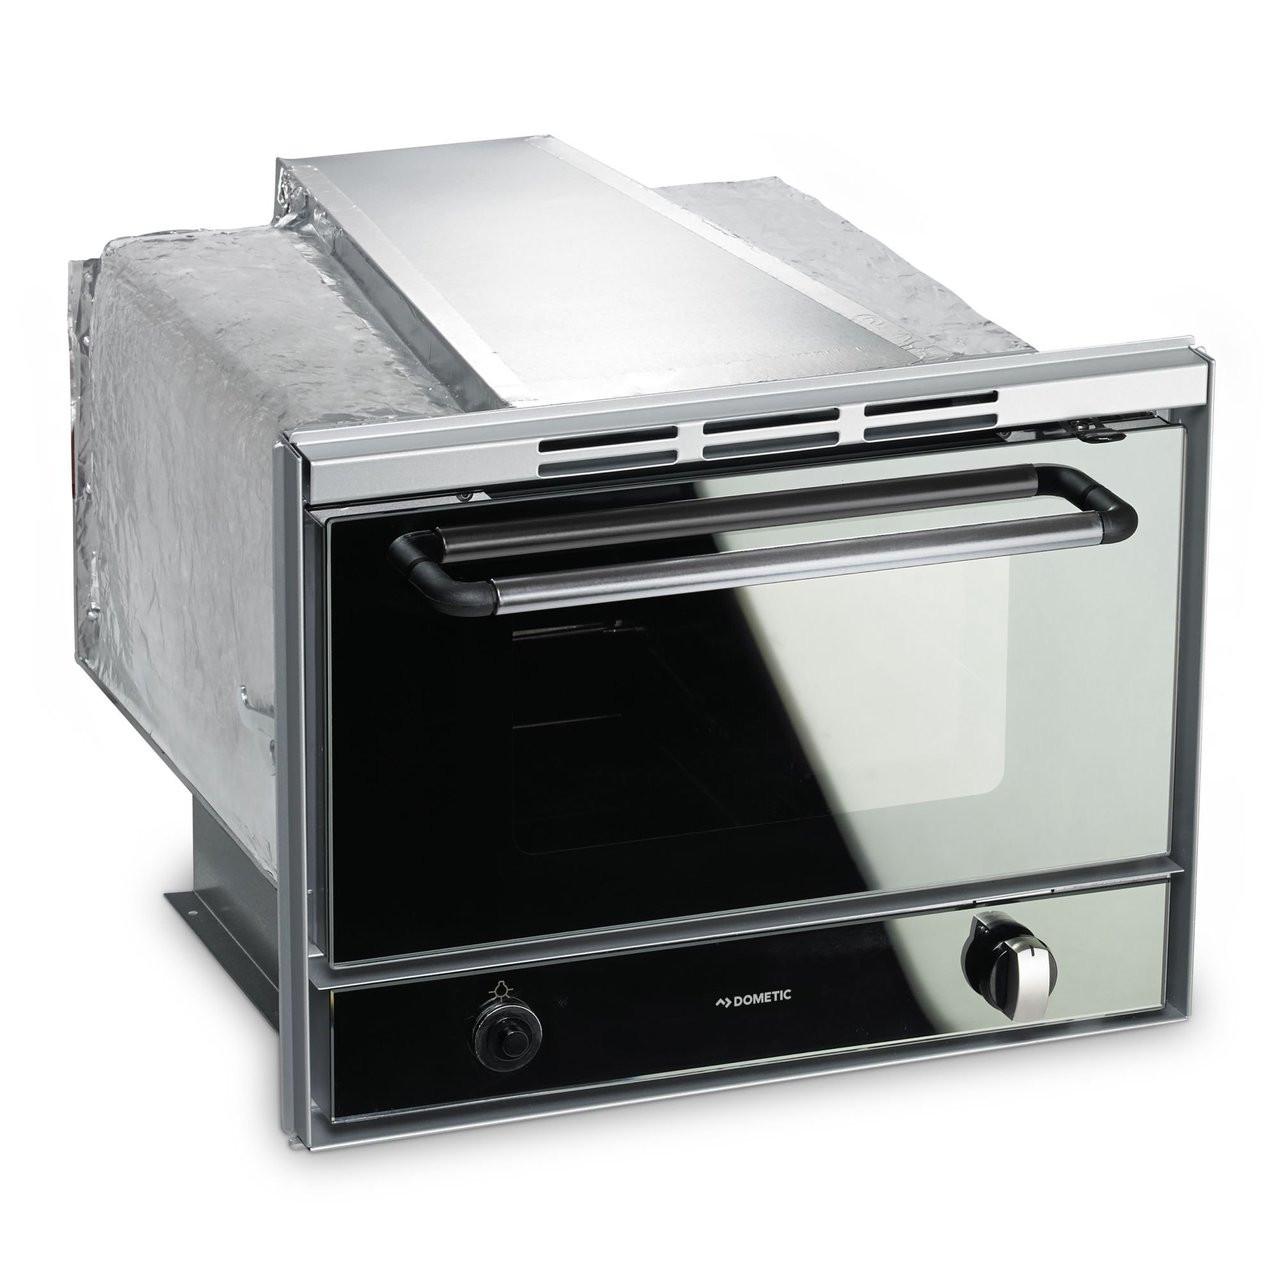 Dometic OV1800 Caravan Oven